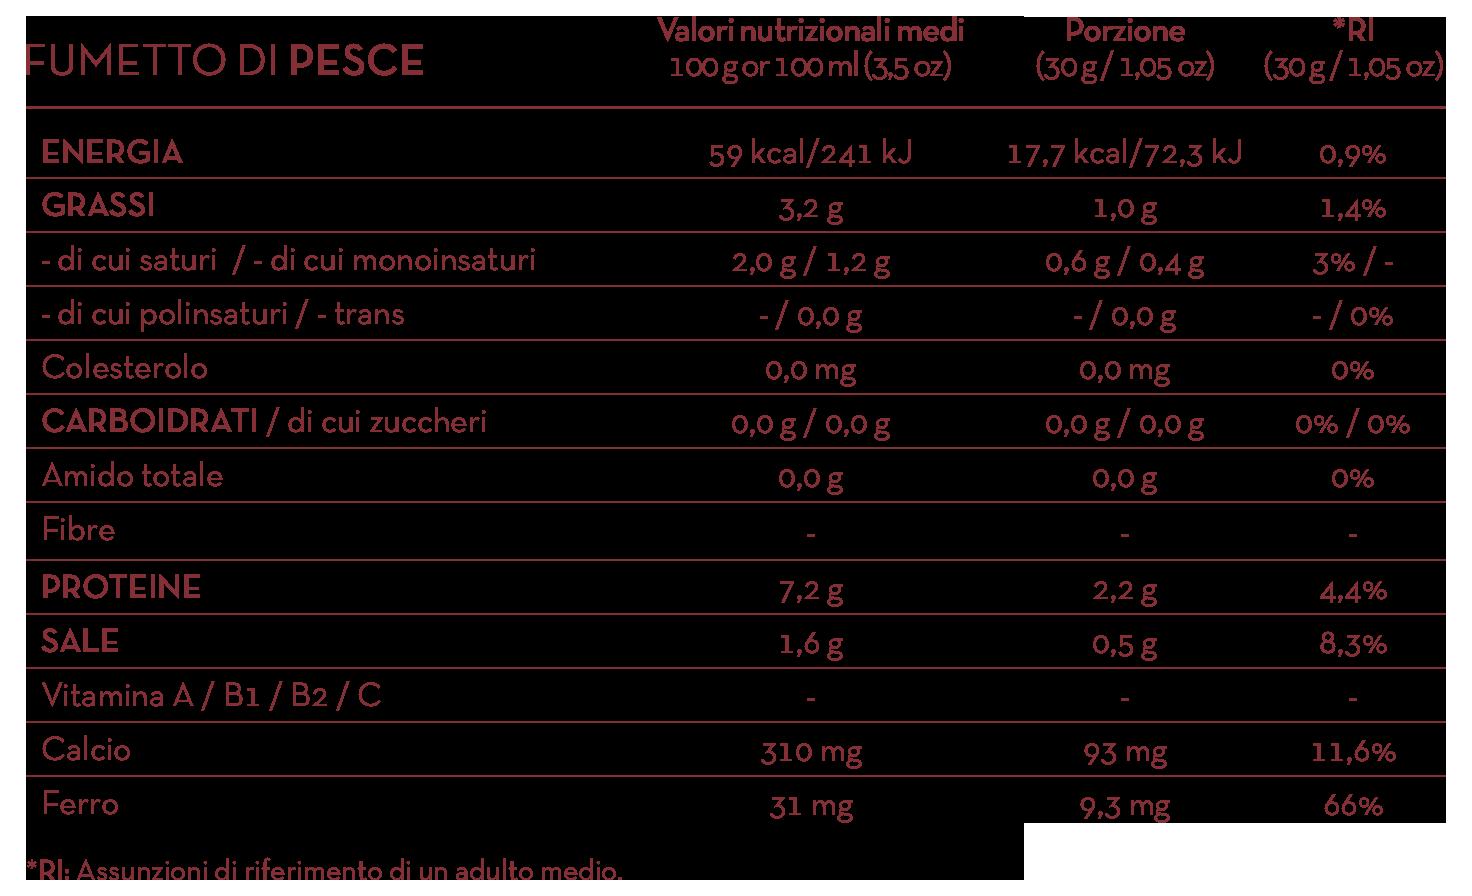 fumetto-pesce-valori-nutrizionali-briante-chef-fumetto-pesce-crostacei-prodotti-cucina-professional-derado-matera-basilicata